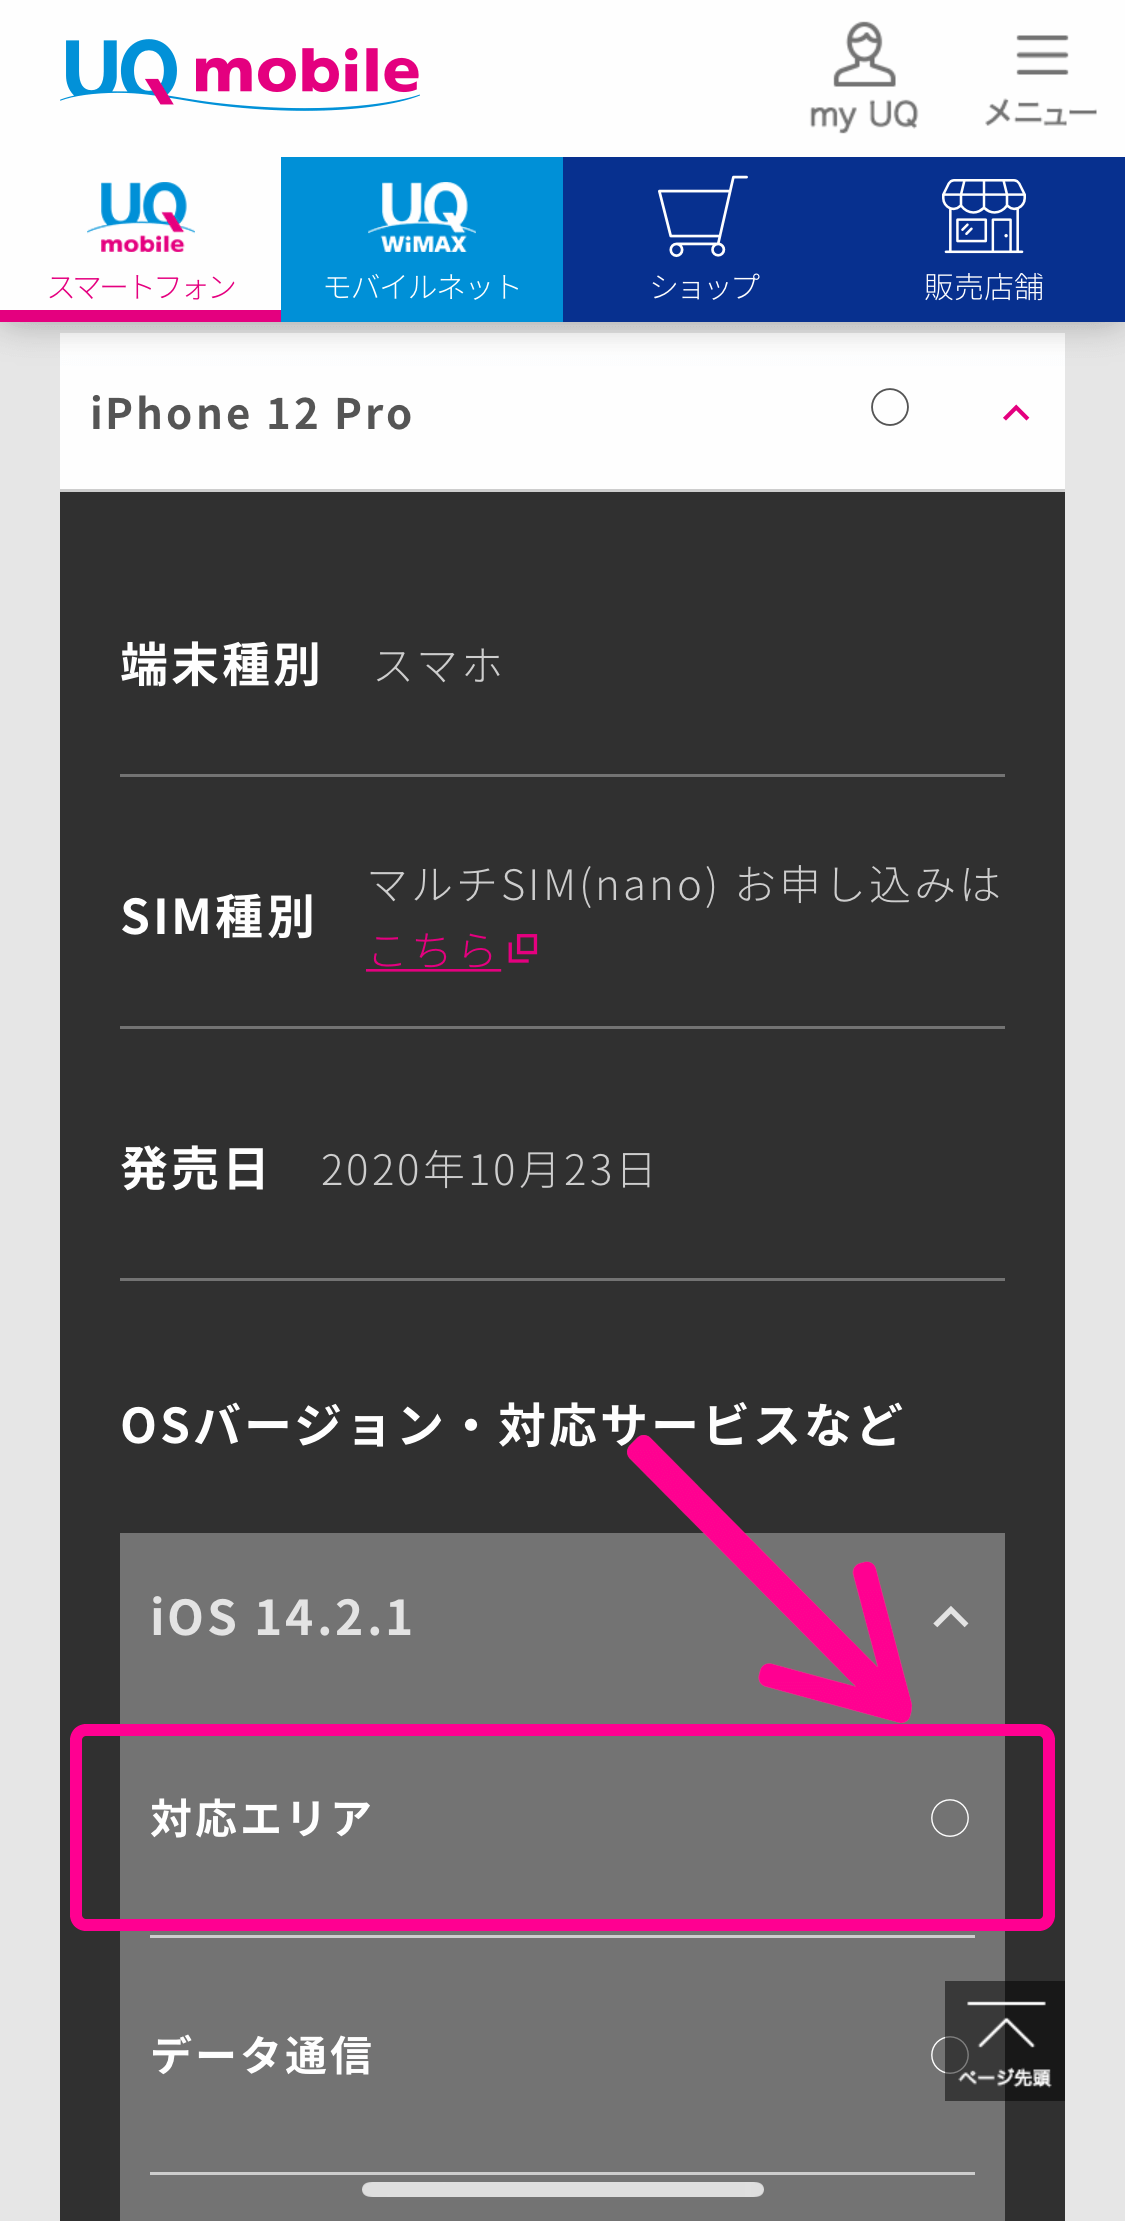 UQモバイルでiPhone 12 Proの動作確認